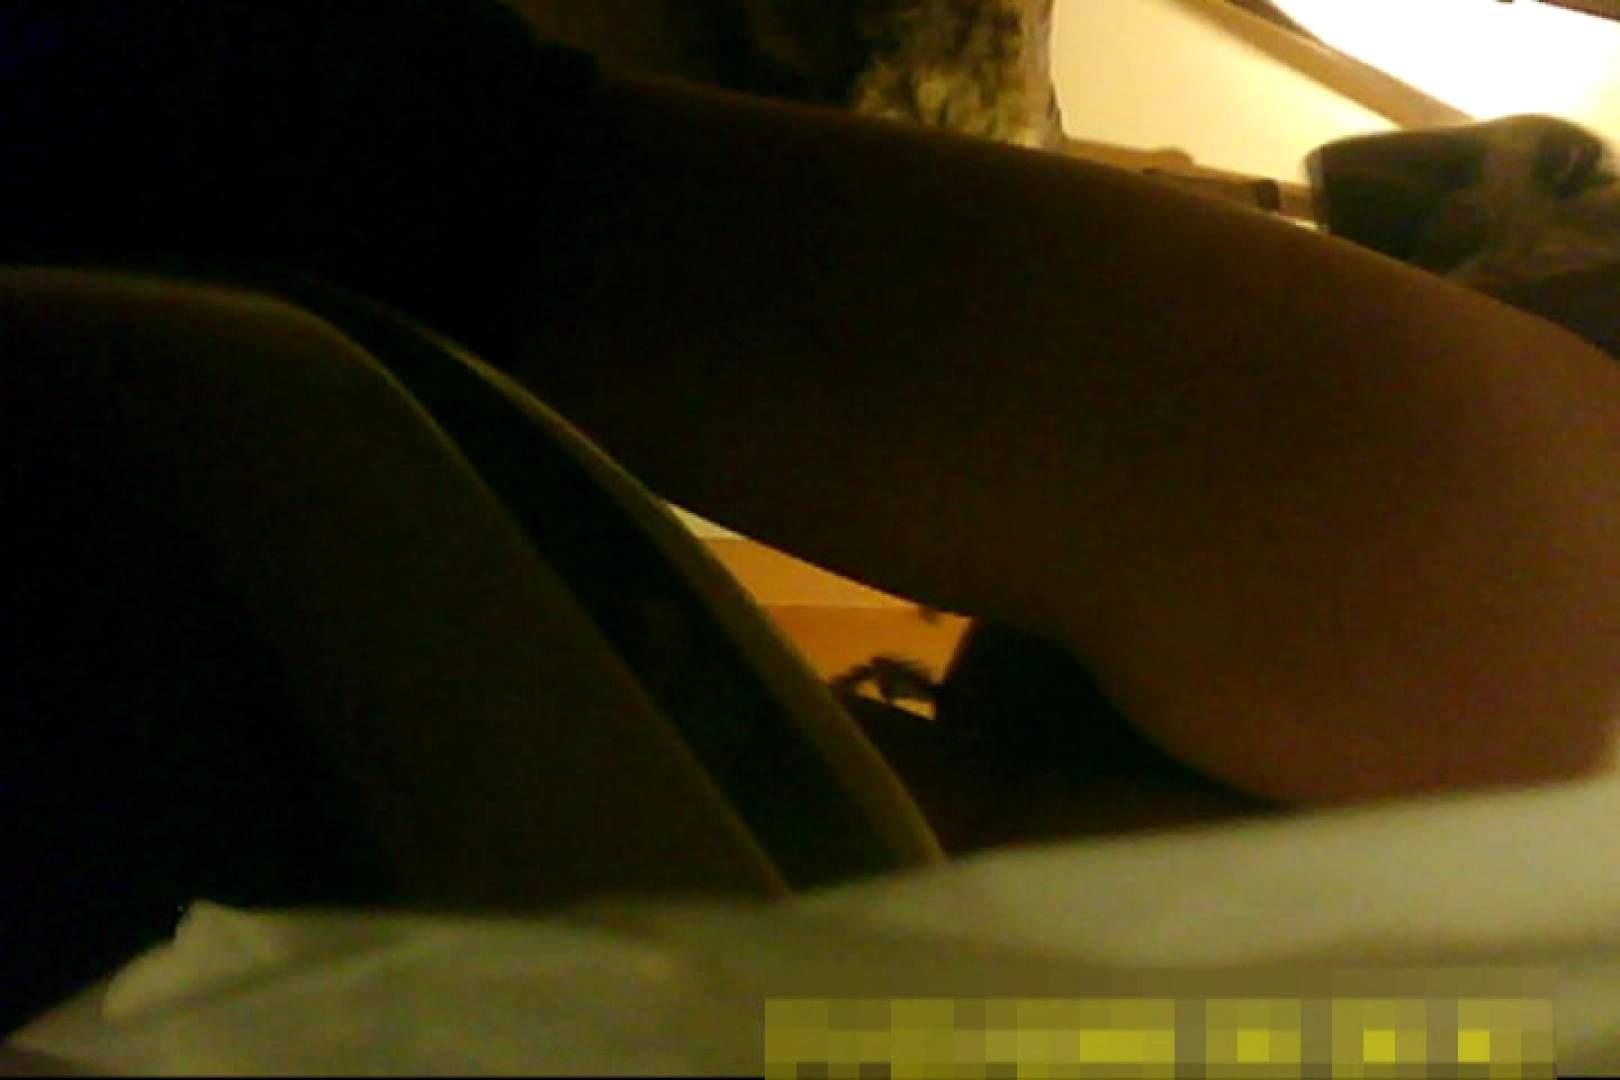 魅惑の化粧室~禁断のプライベート空間~vol.8 熟女   HなOL  68pic 41